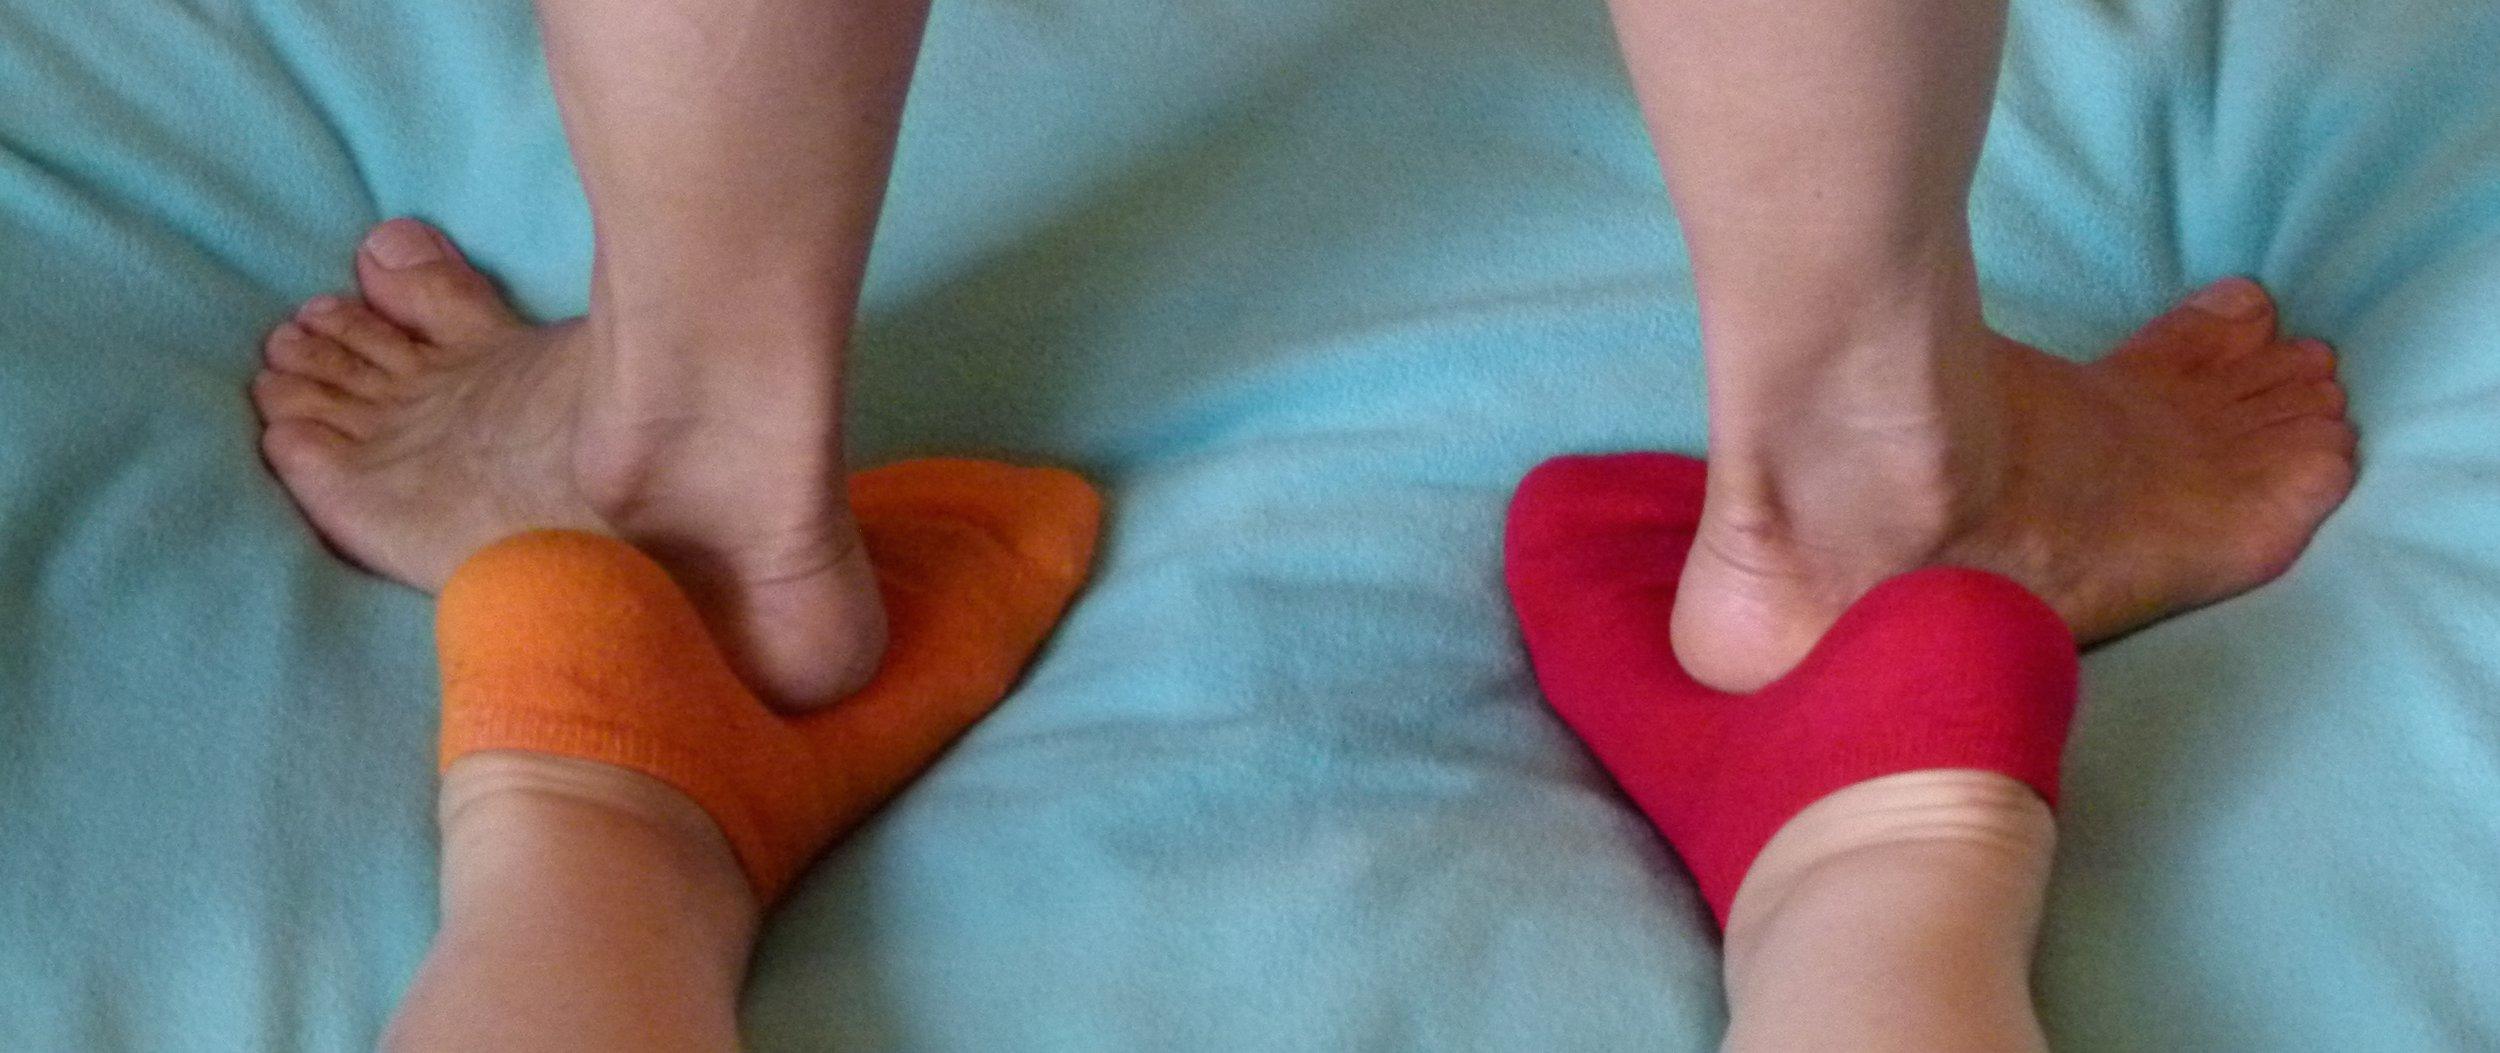 massaging feet with feet